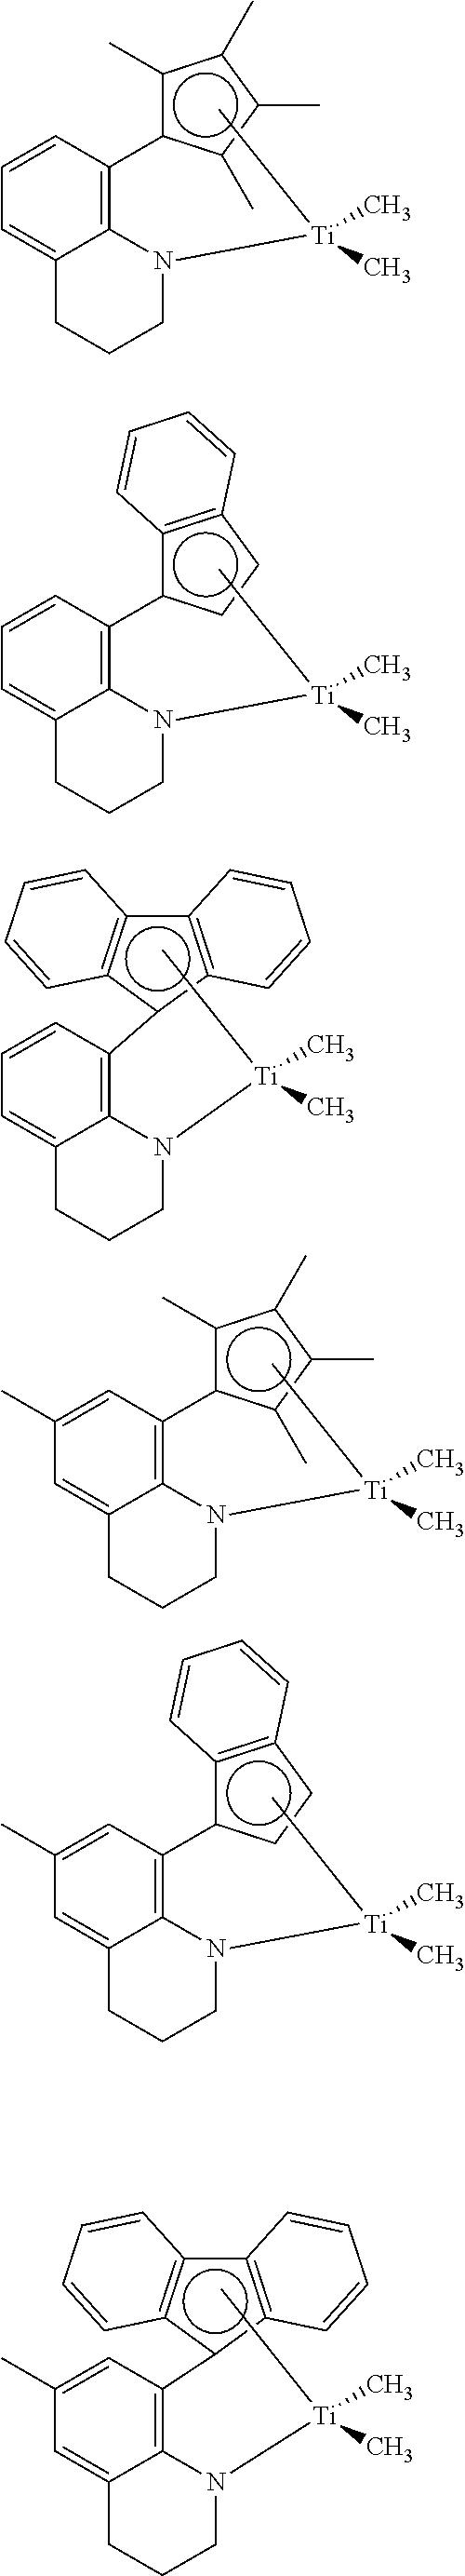 Figure US09120836-20150901-C00038